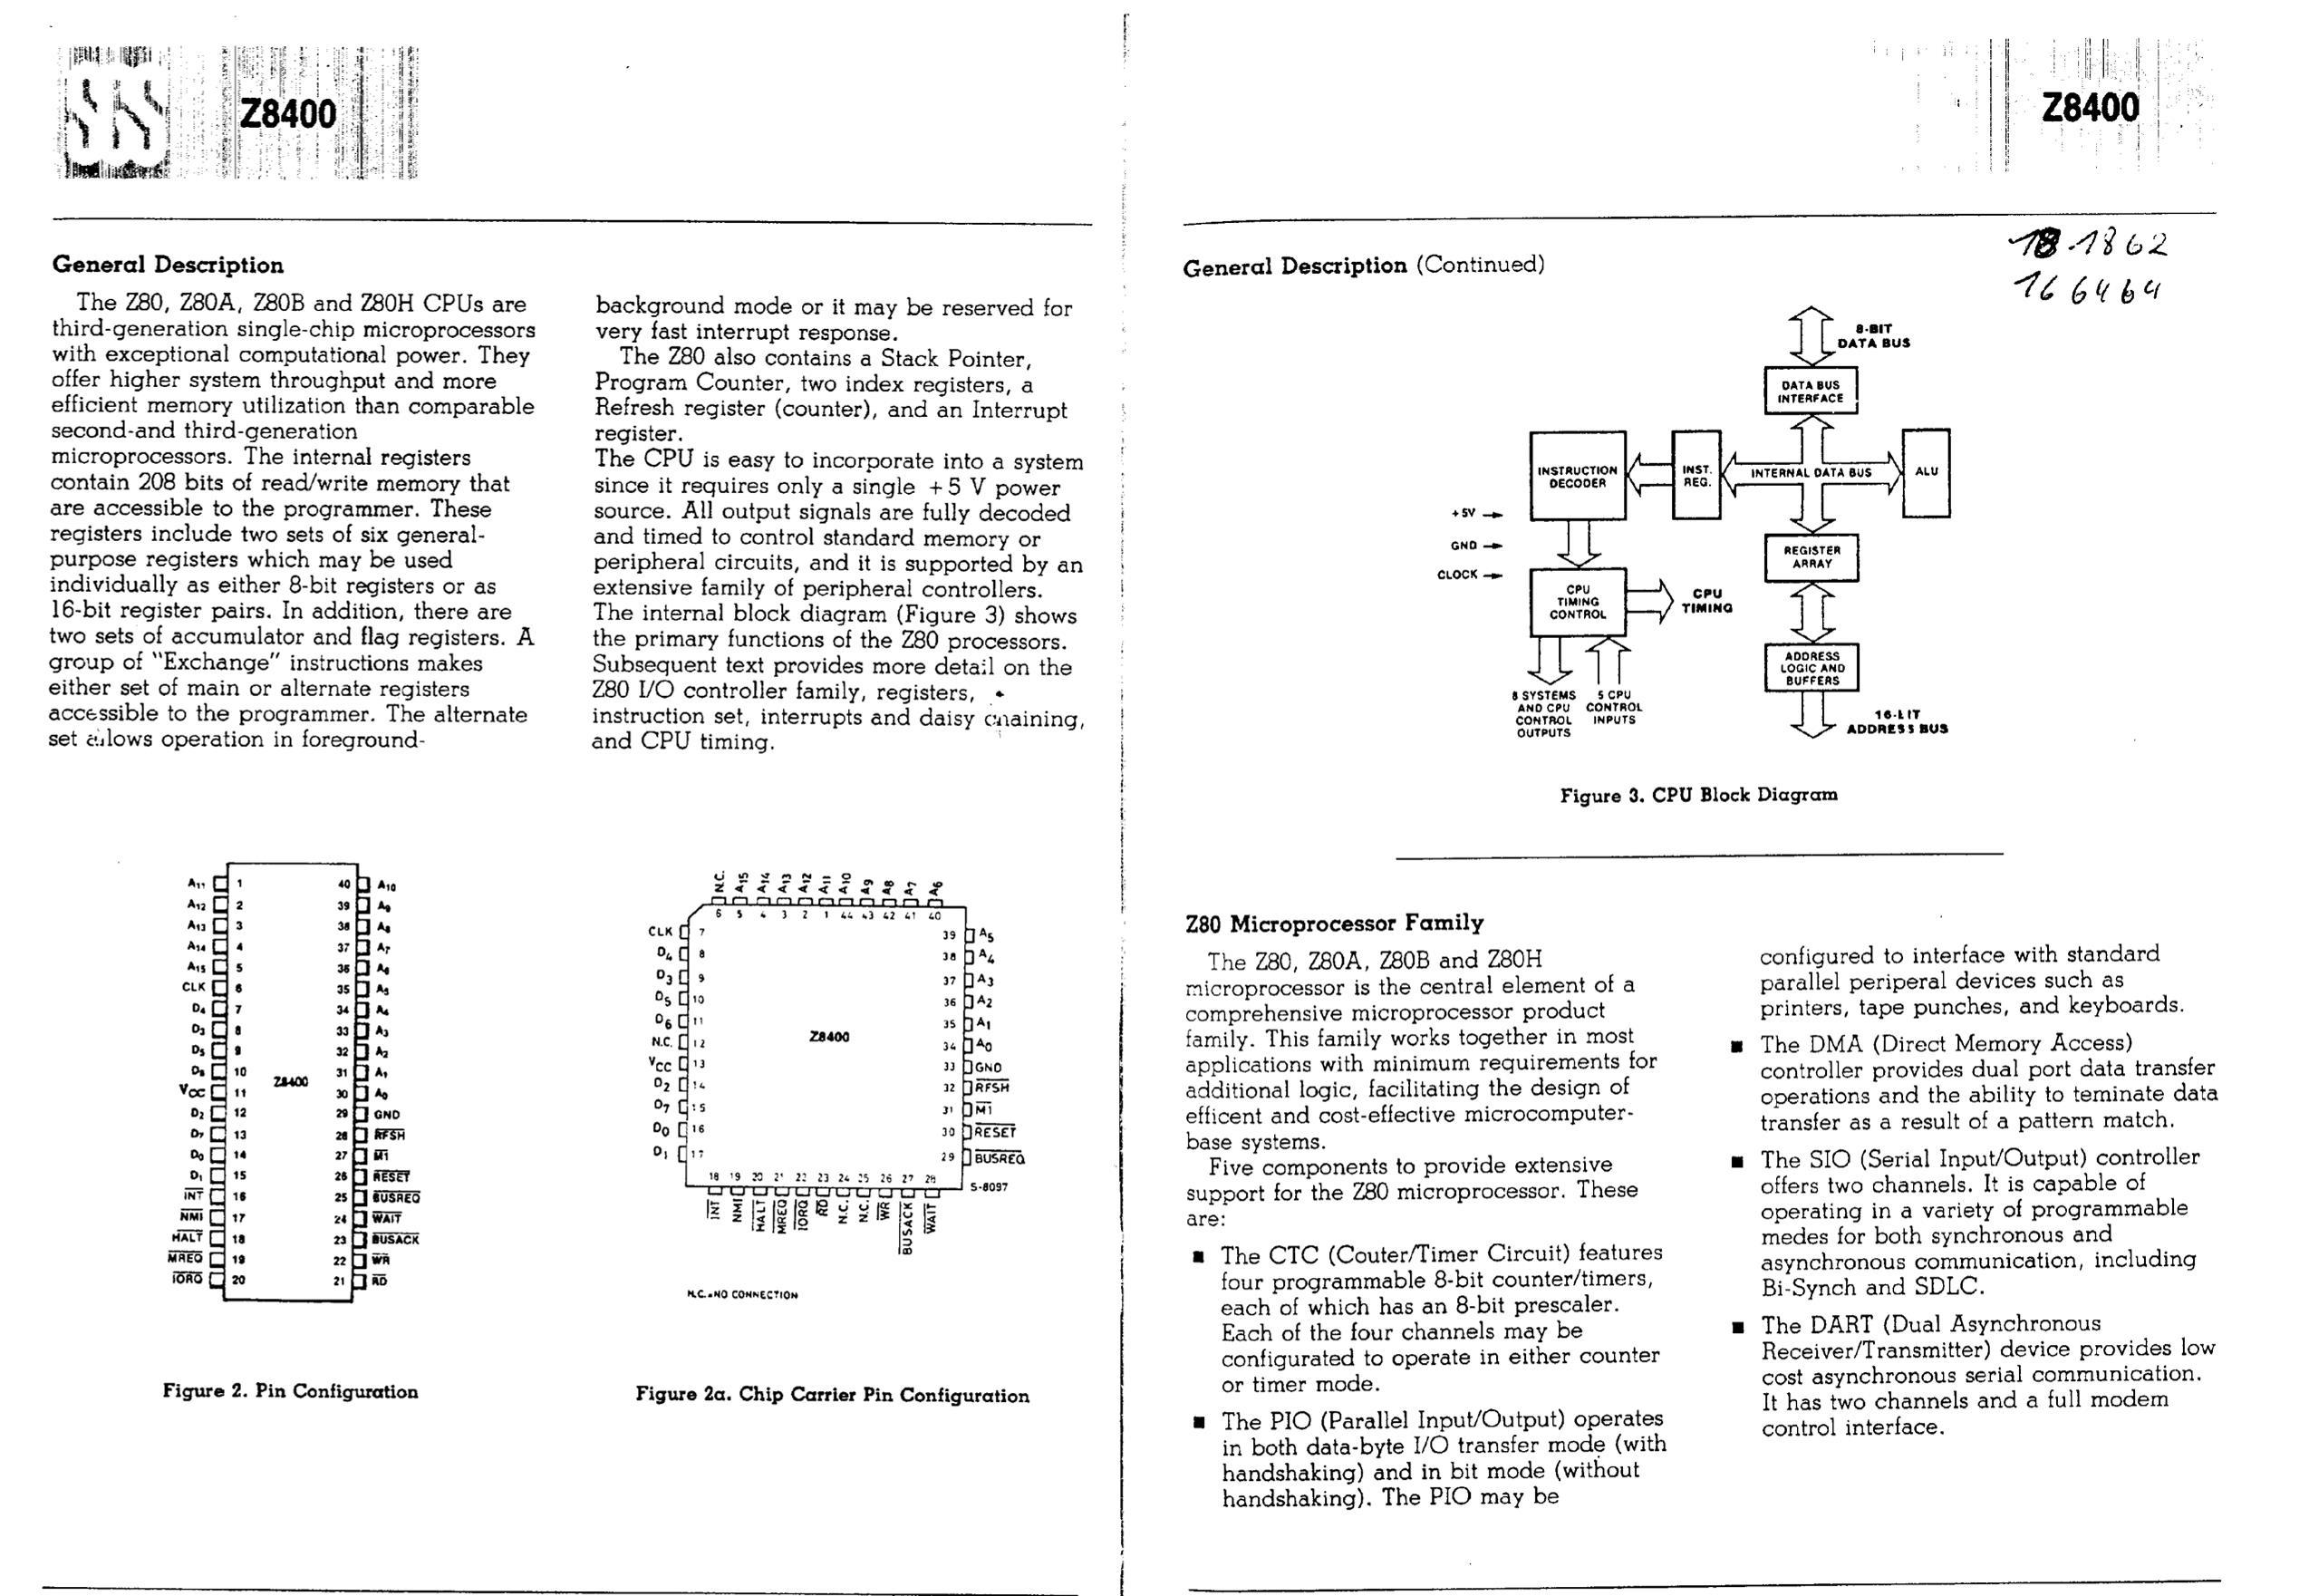 840022AKI-02LFT's pdf picture 2